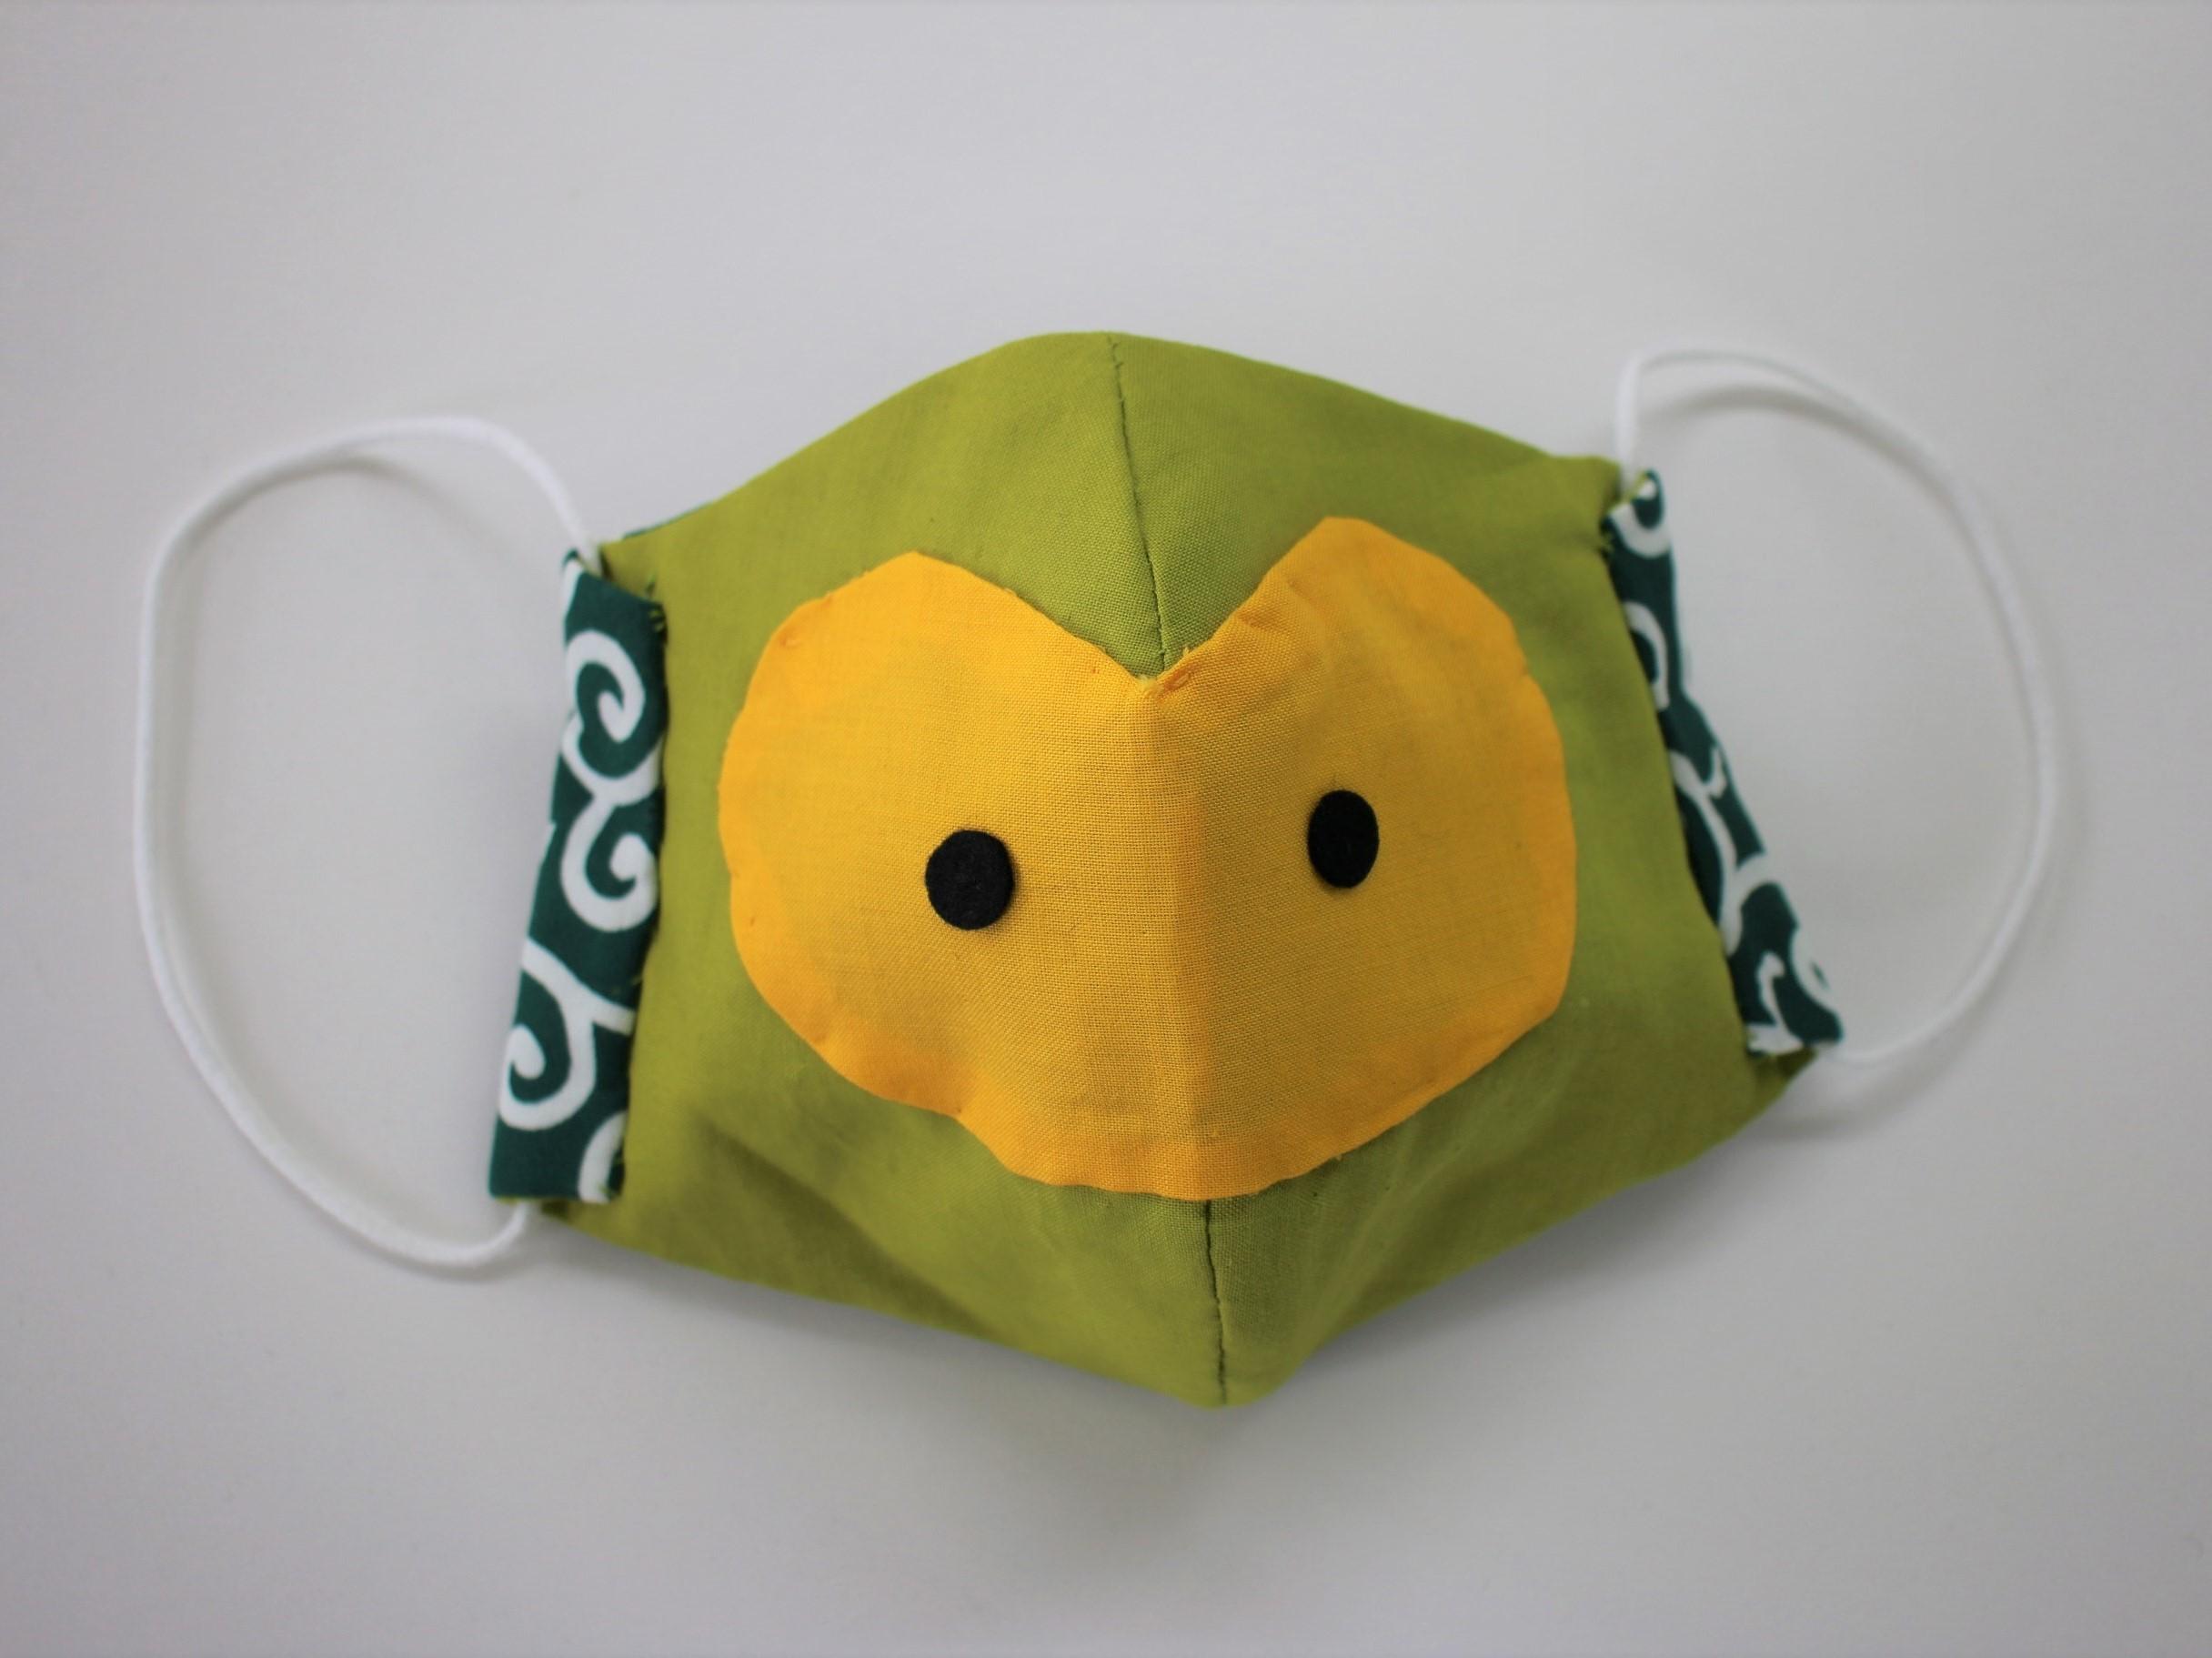 楽しく感染症予防!「まいりゅうマスク」の作り方・型紙を公開